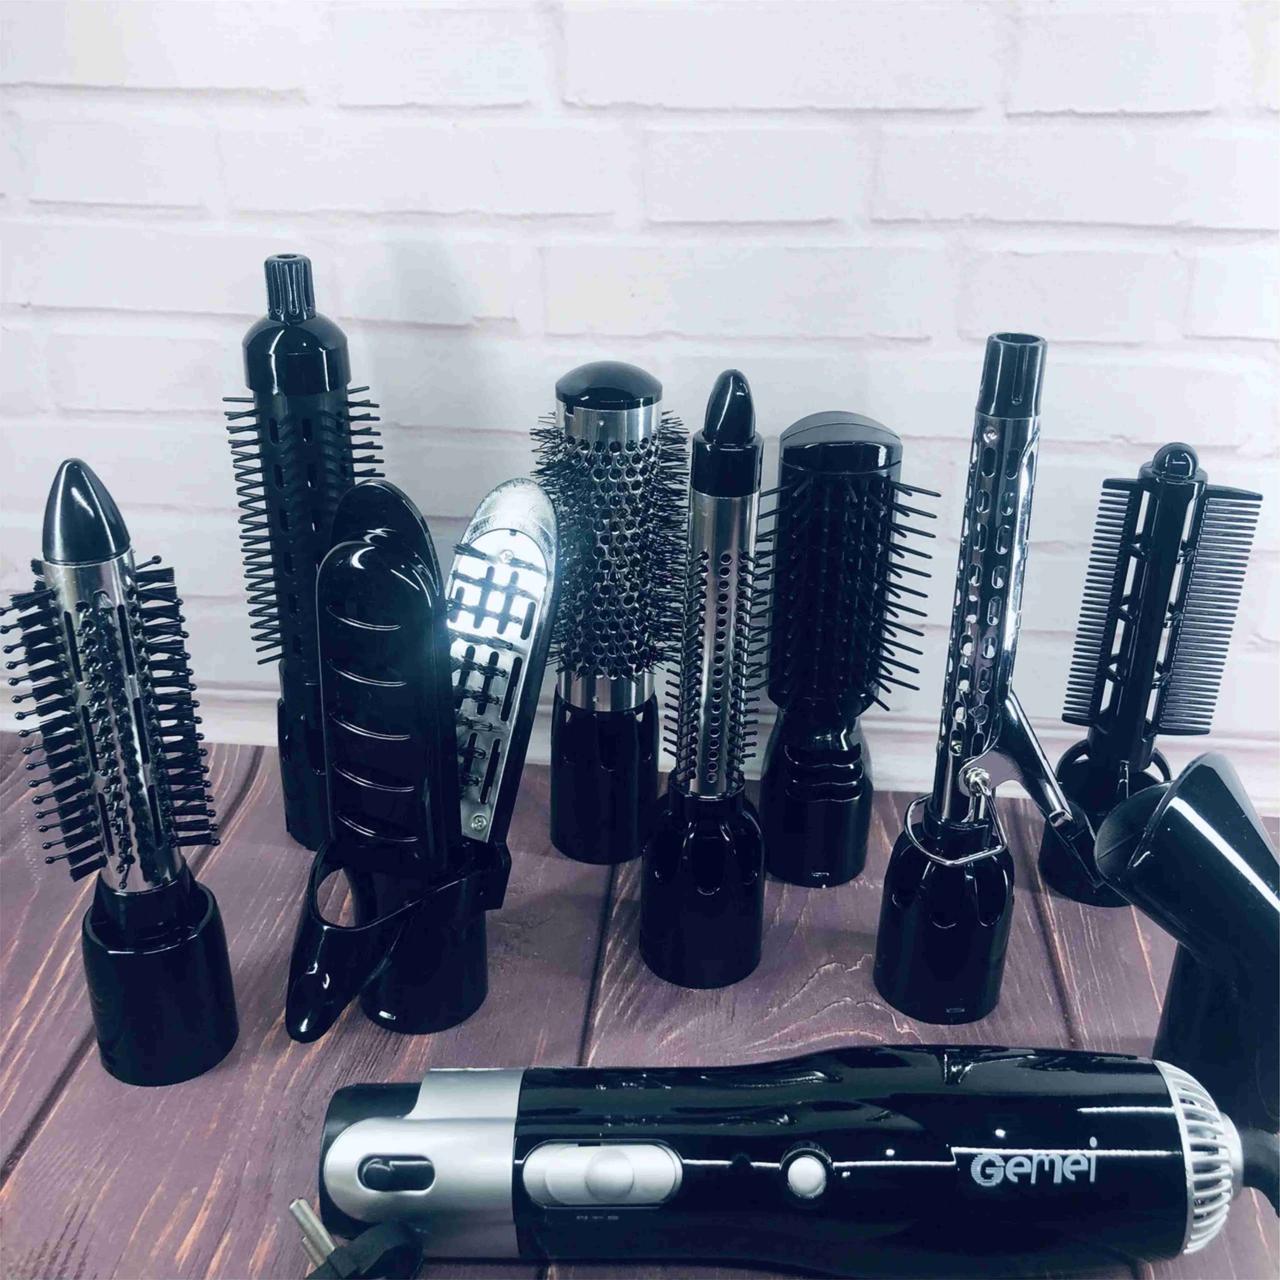 Фен Стайлер для волос 10в1 Gemei GM4833 Мощный фен стайлер для волос 10 в 1